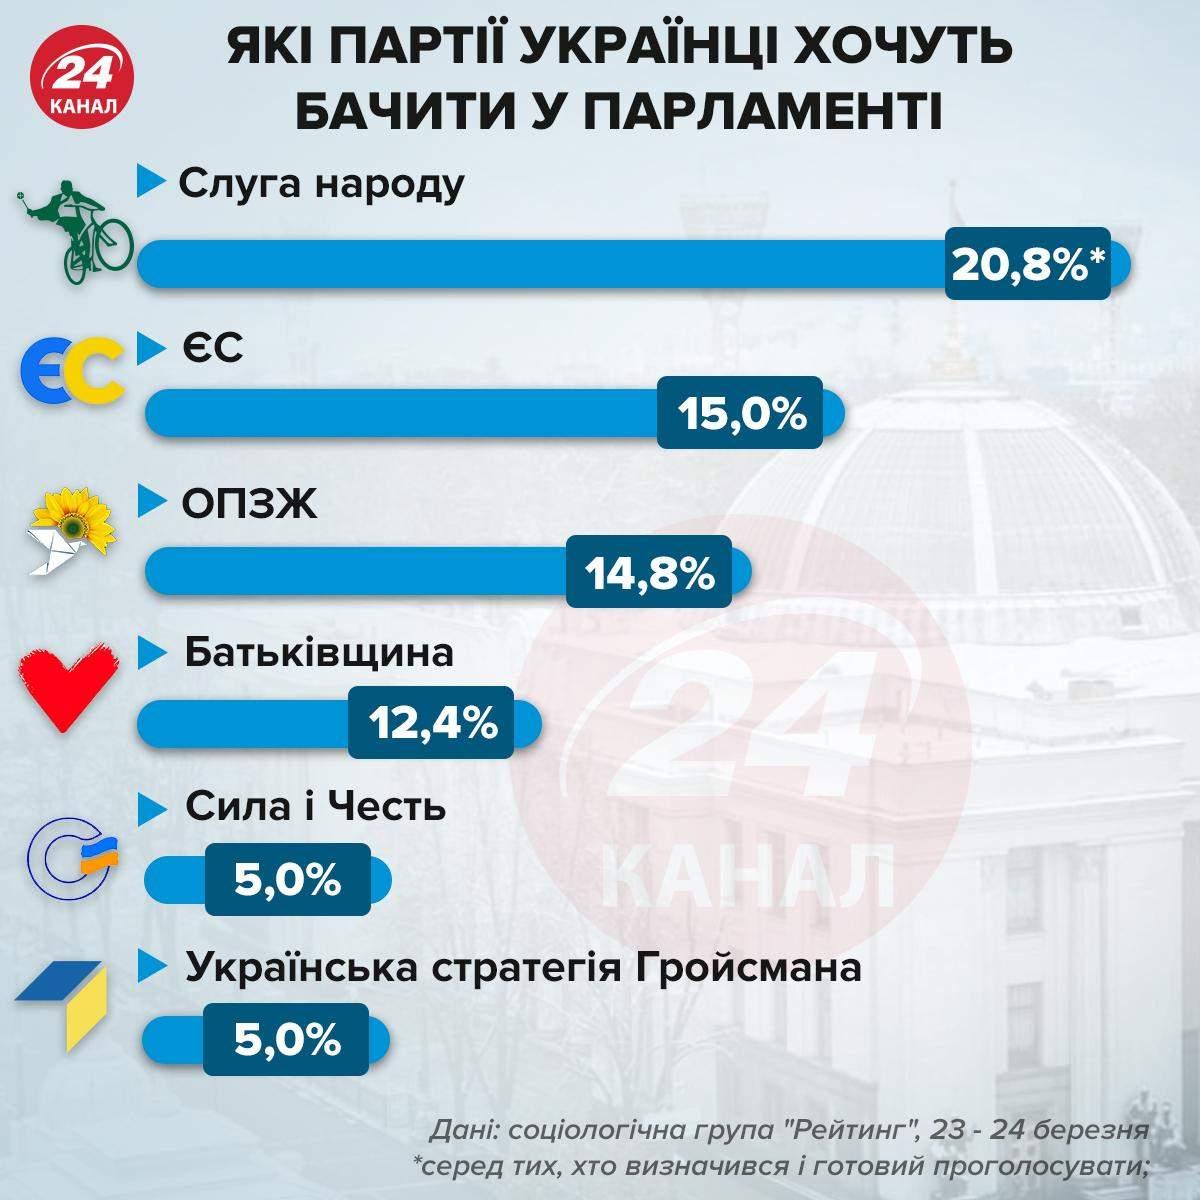 Рейтинг партій до парламенту / Інфографіка 24 каналу